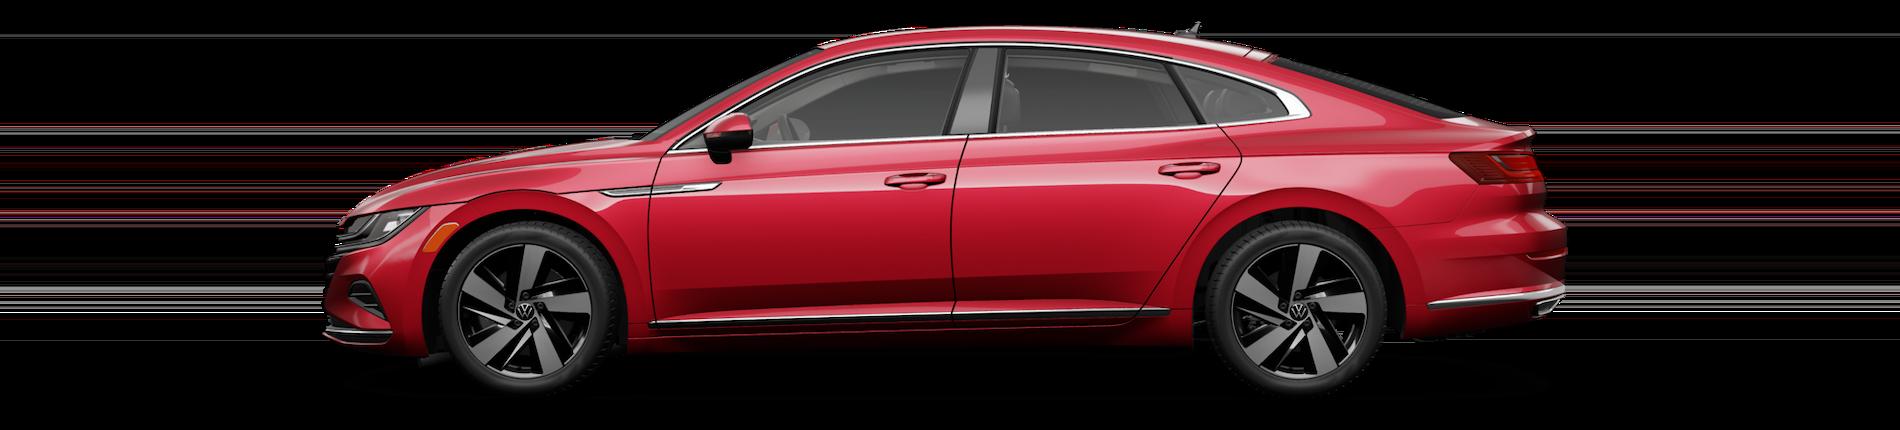 Volkswagen Arteon Red